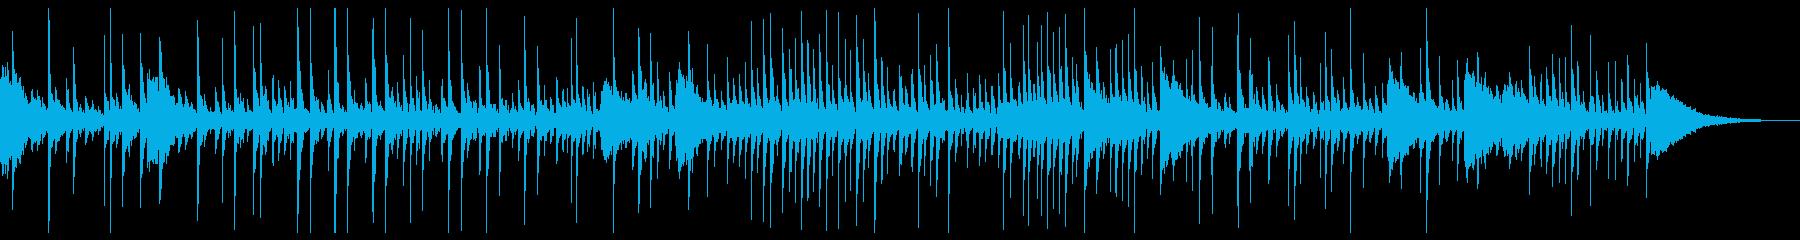 ドラム:ドラムソロの再生済みの波形